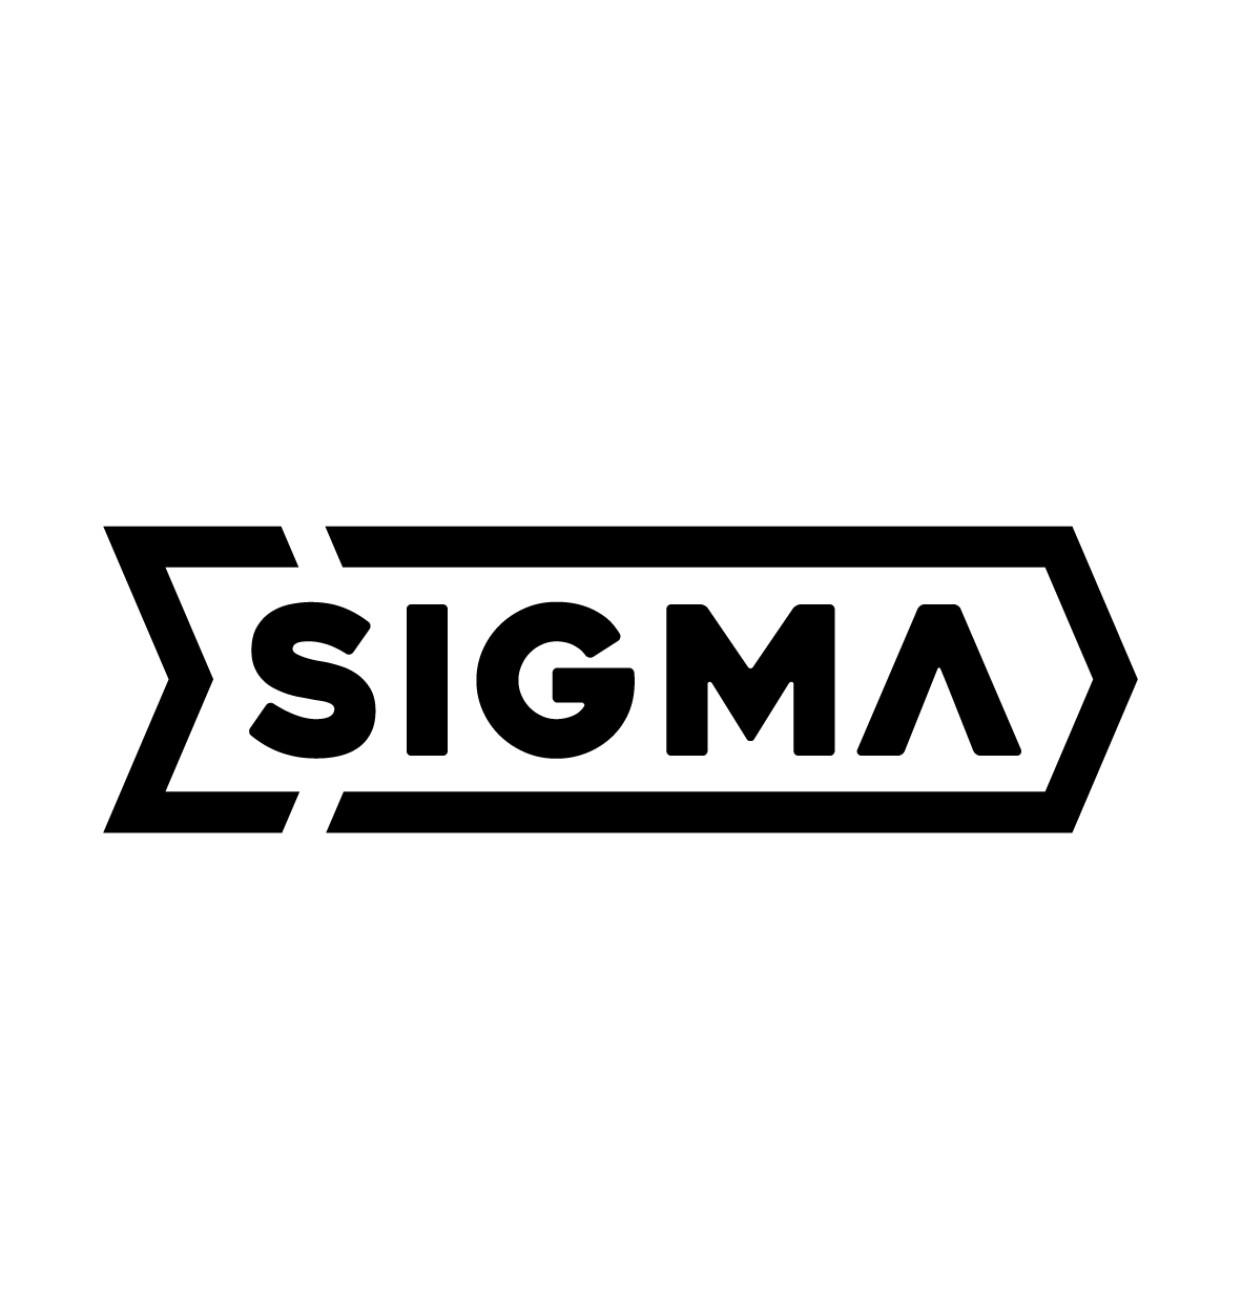 Sigma scouting агентство отзывы веб модели фото